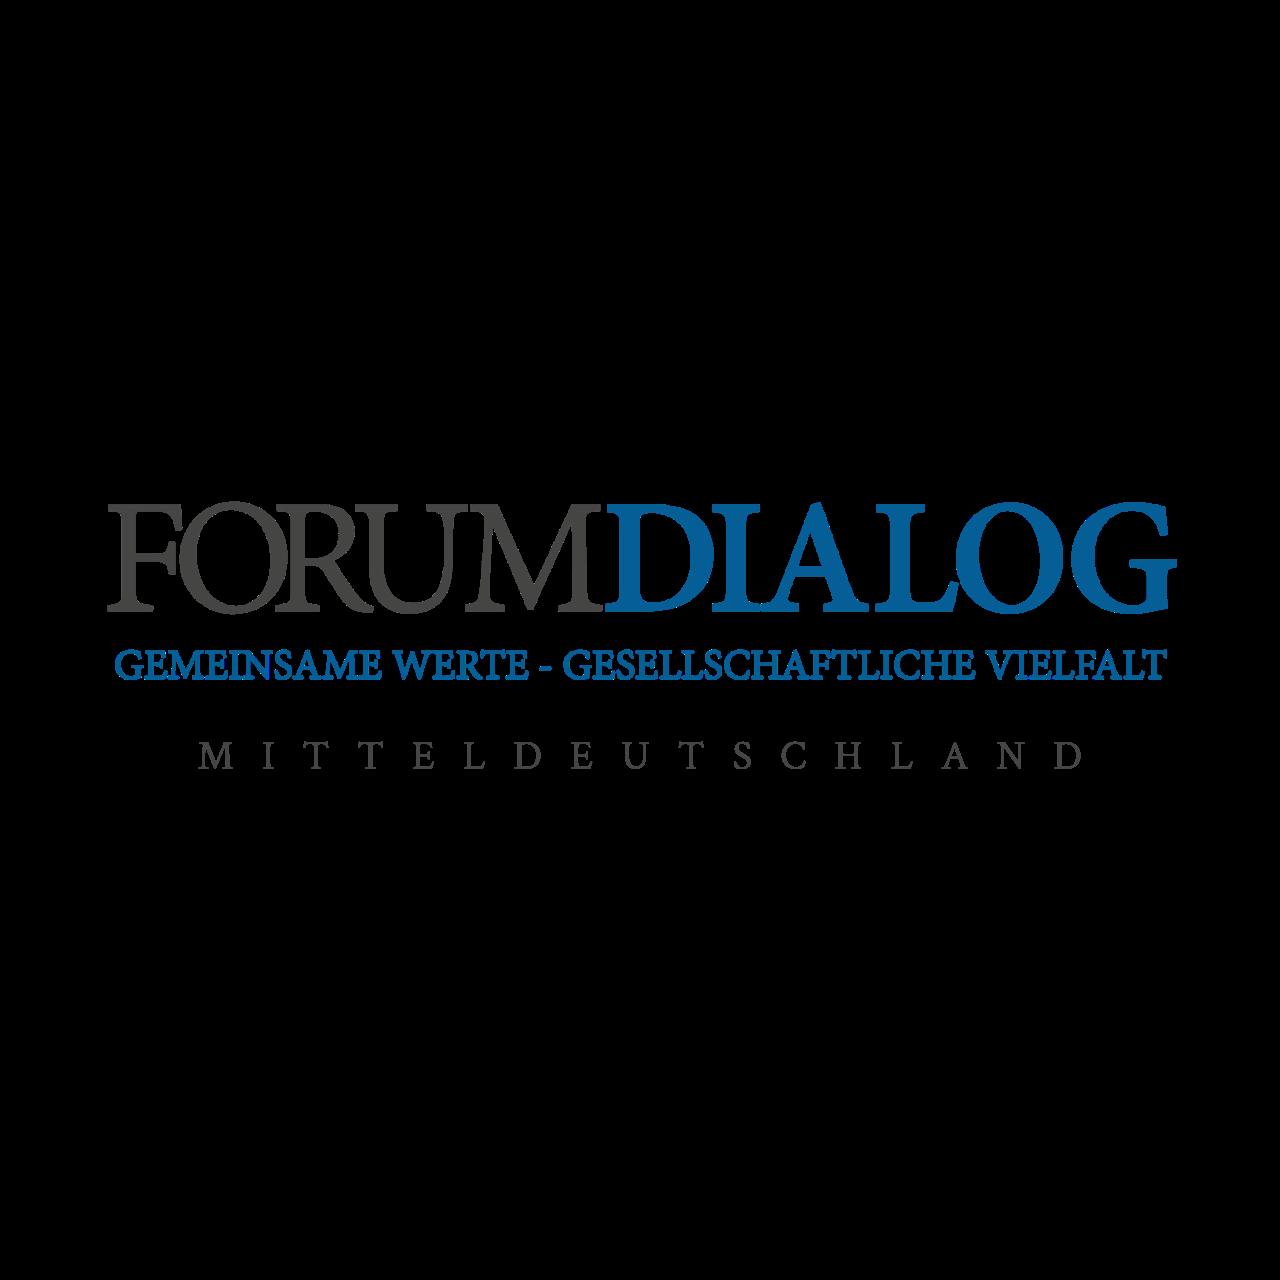 Forum Dialog Mitteldeutschland